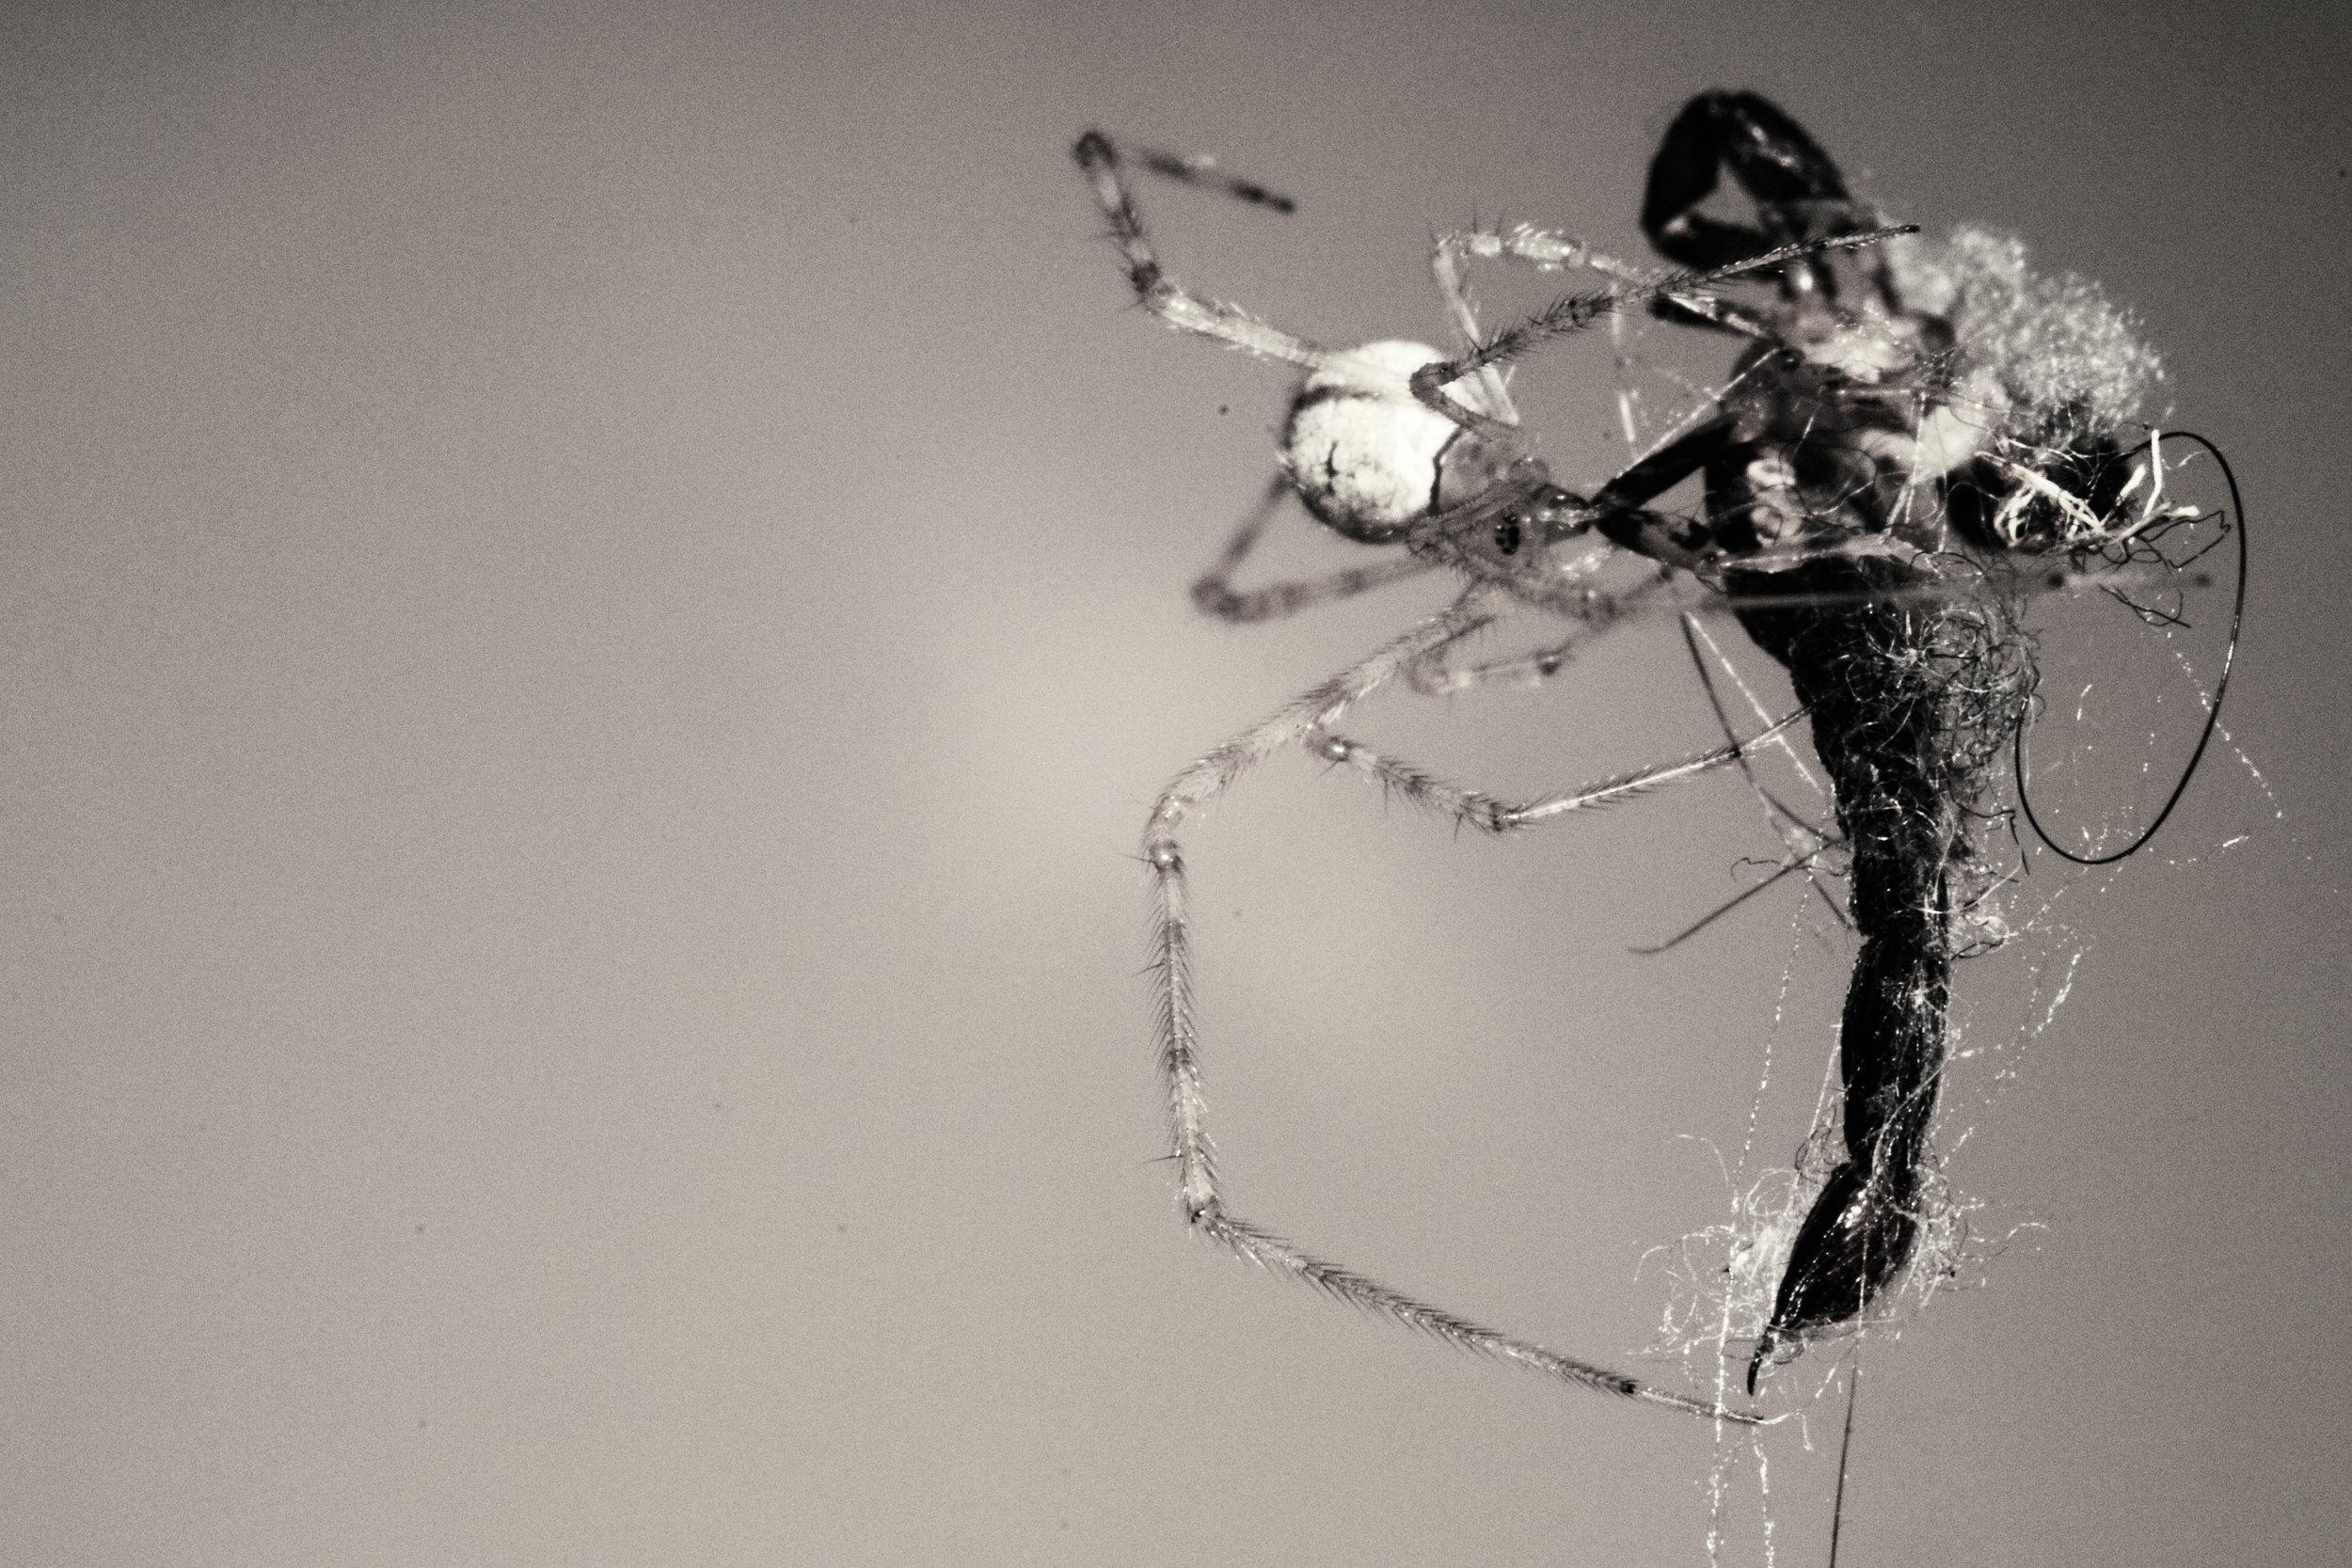 2011-03-05 - Tasmania - Nikon D3100 - spider vs centipede - archndDSC_0049.jpg